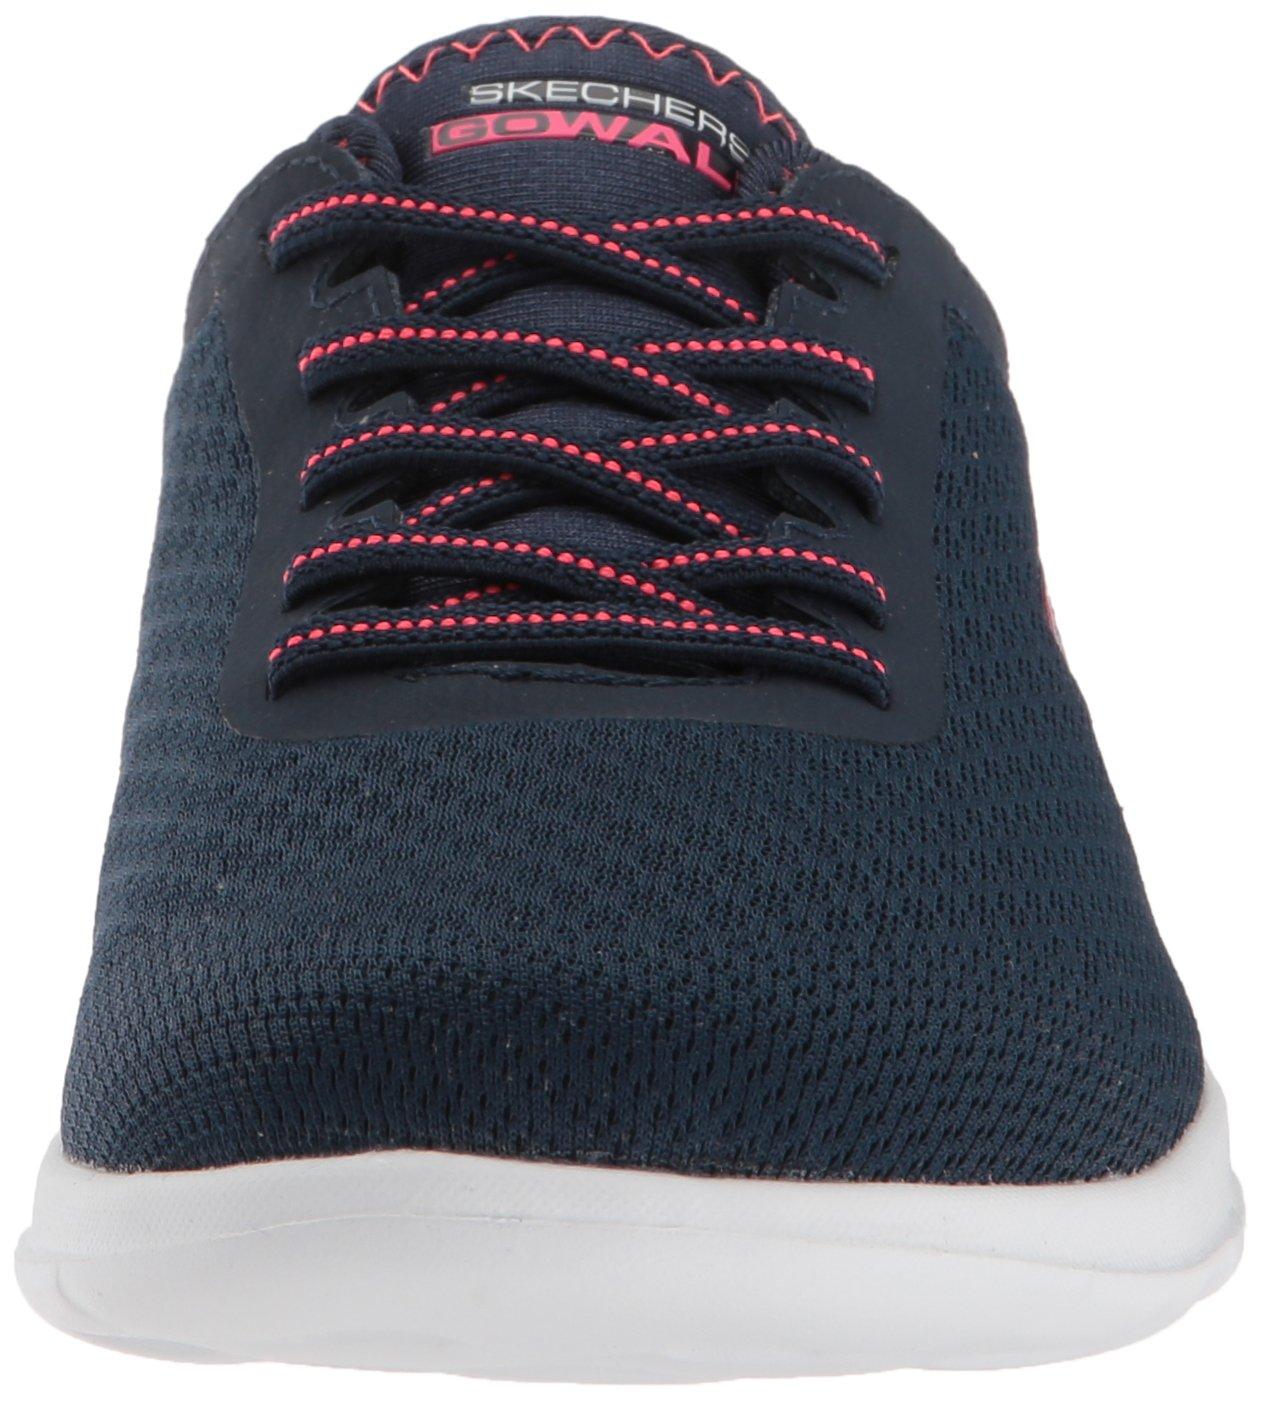 Skechers Women's Go Walk Lite-15350 Wide Sneaker B072R7DSF3 5 W US|Navy/Pink